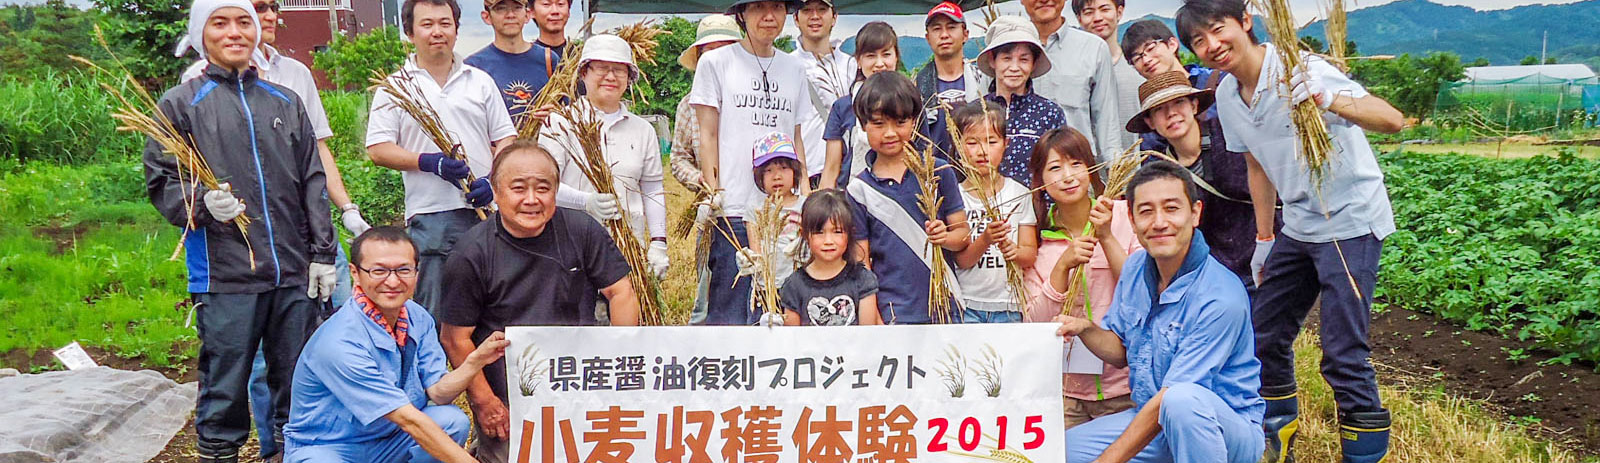 新潟県産醤油復刻プロジェクト 小麦収穫体験2015